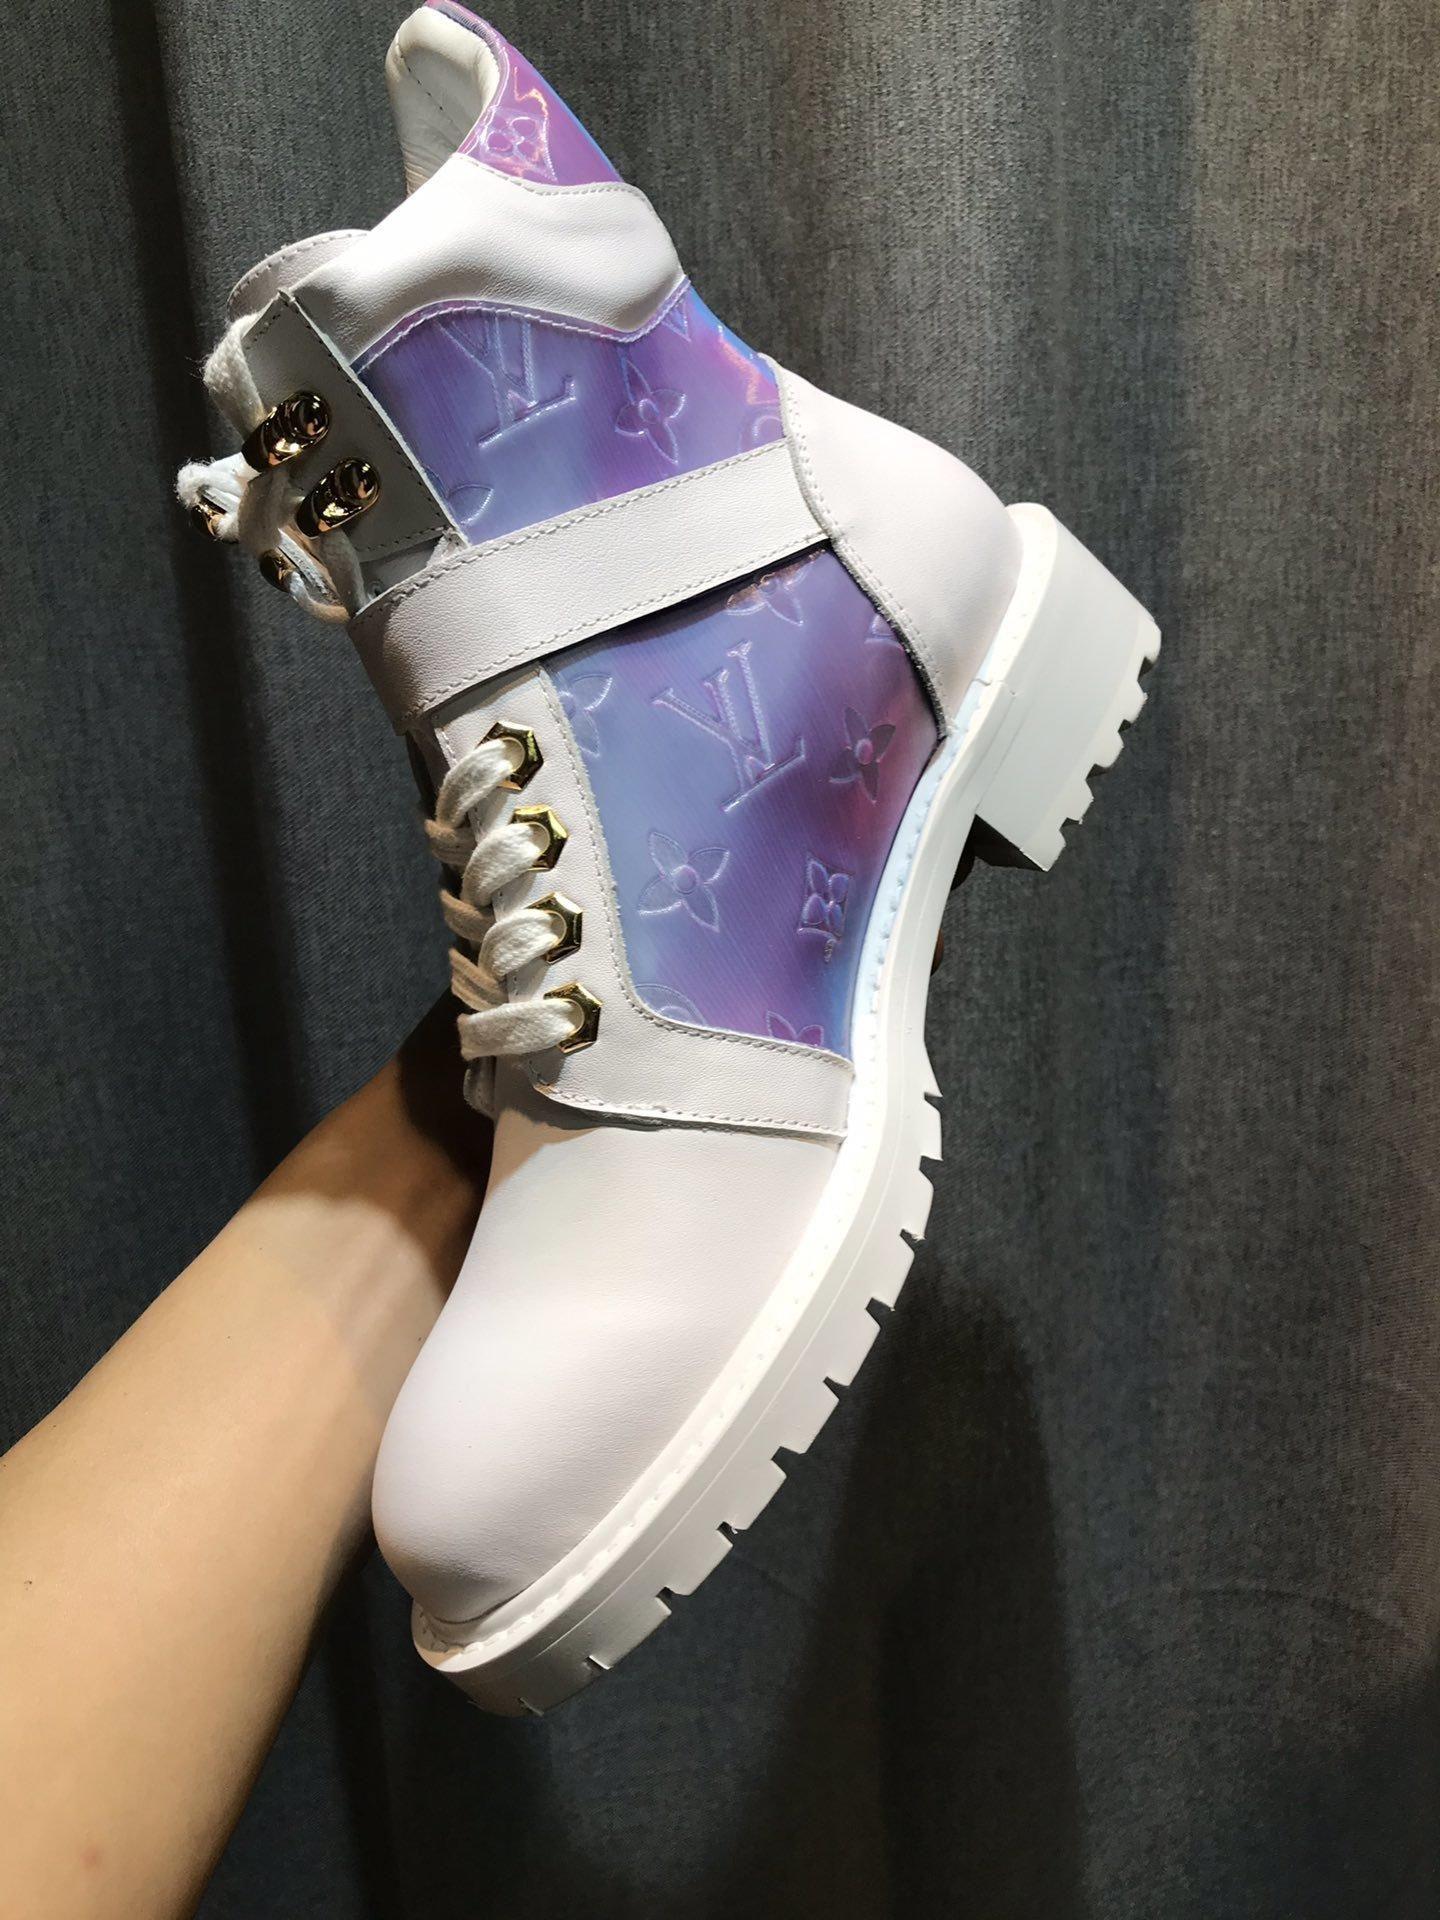 Novas parte superior das senhoras de luxo Martin botas de couro botas fashion plataforma das mulheres outdoor botas de neve confortáveis entrega rápida caixa original